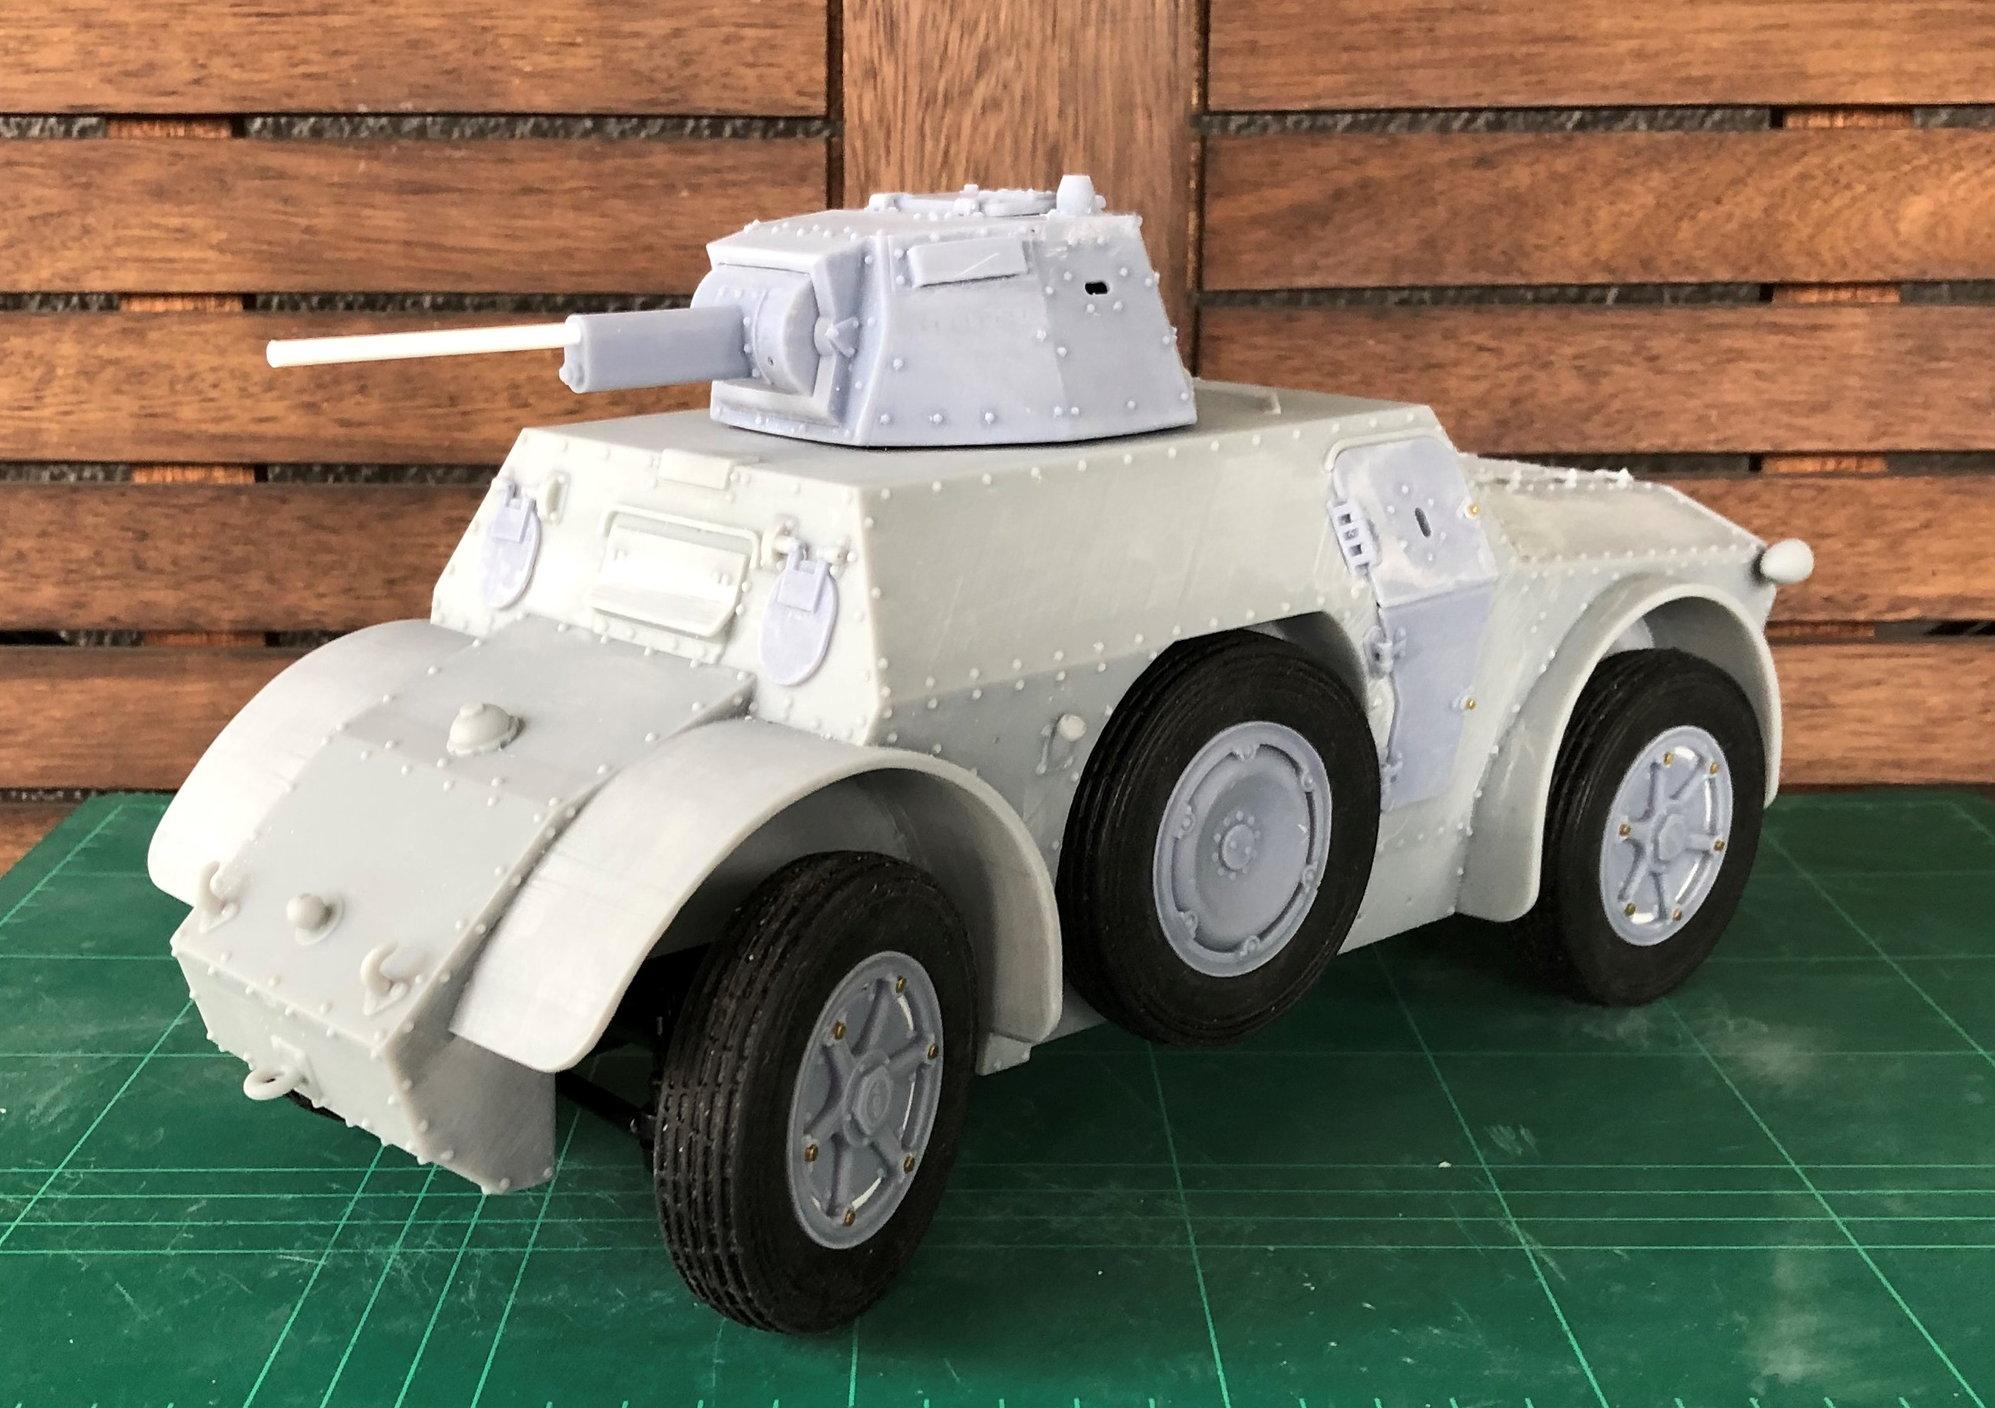 Semovente Fiat Ansaldo M40/75-18. Arrivo della scatola di montaggio 1/16 predisposto rc - Pagina 5 57jdvzkr_9b1c0040260f3d9830880a7a59720b6bb5af8aa8